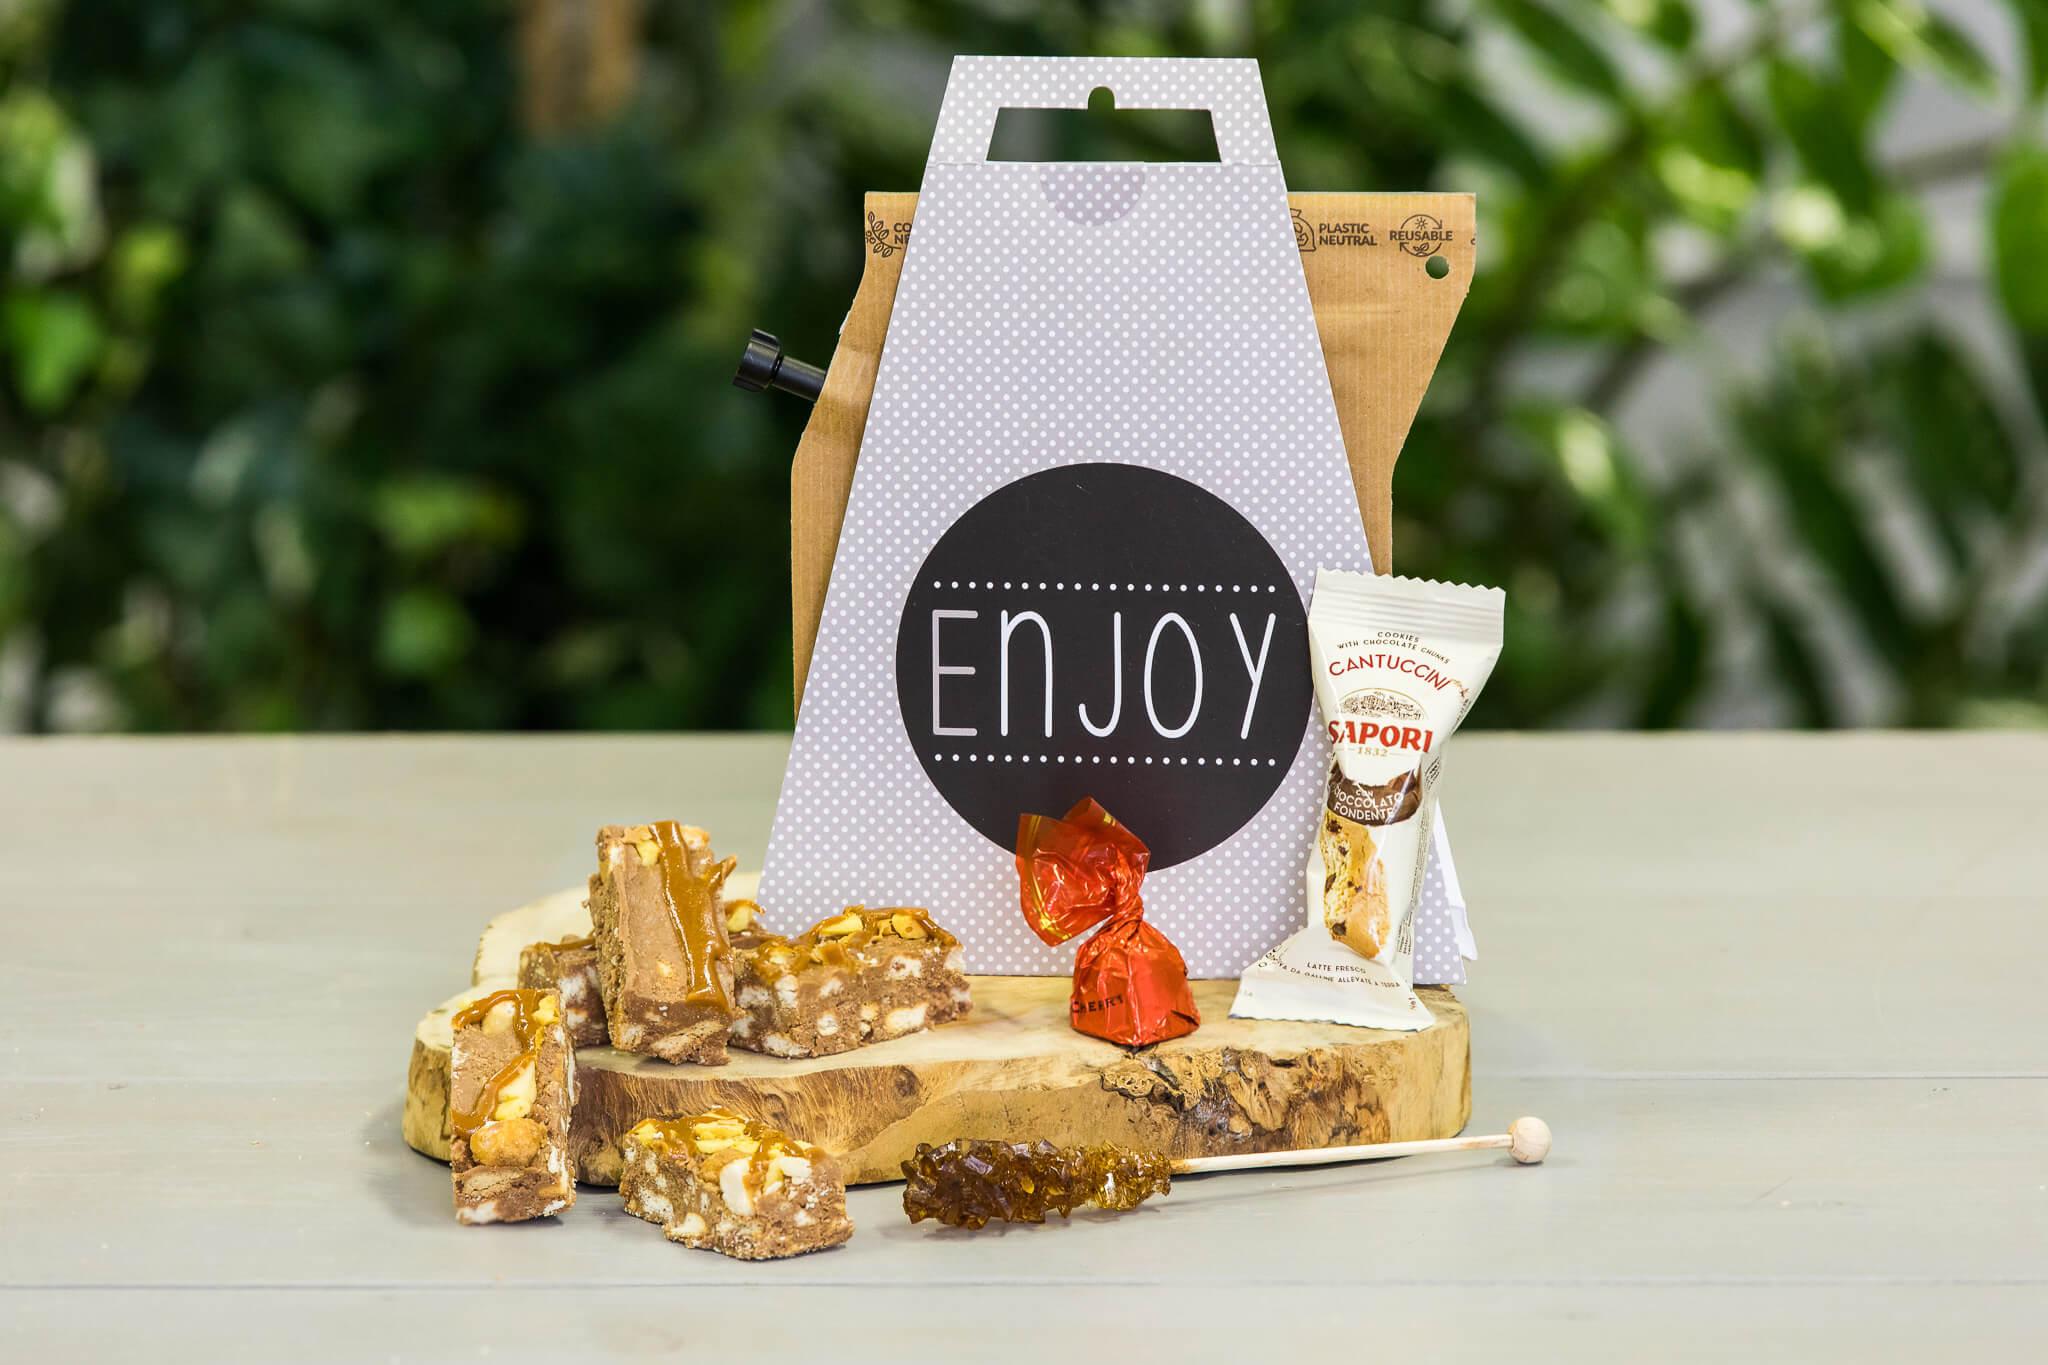 koffie-box-met-lekkers-pastry-gebak-koek-koffiebox-koffiepakket-per-post-versturen-bestellen